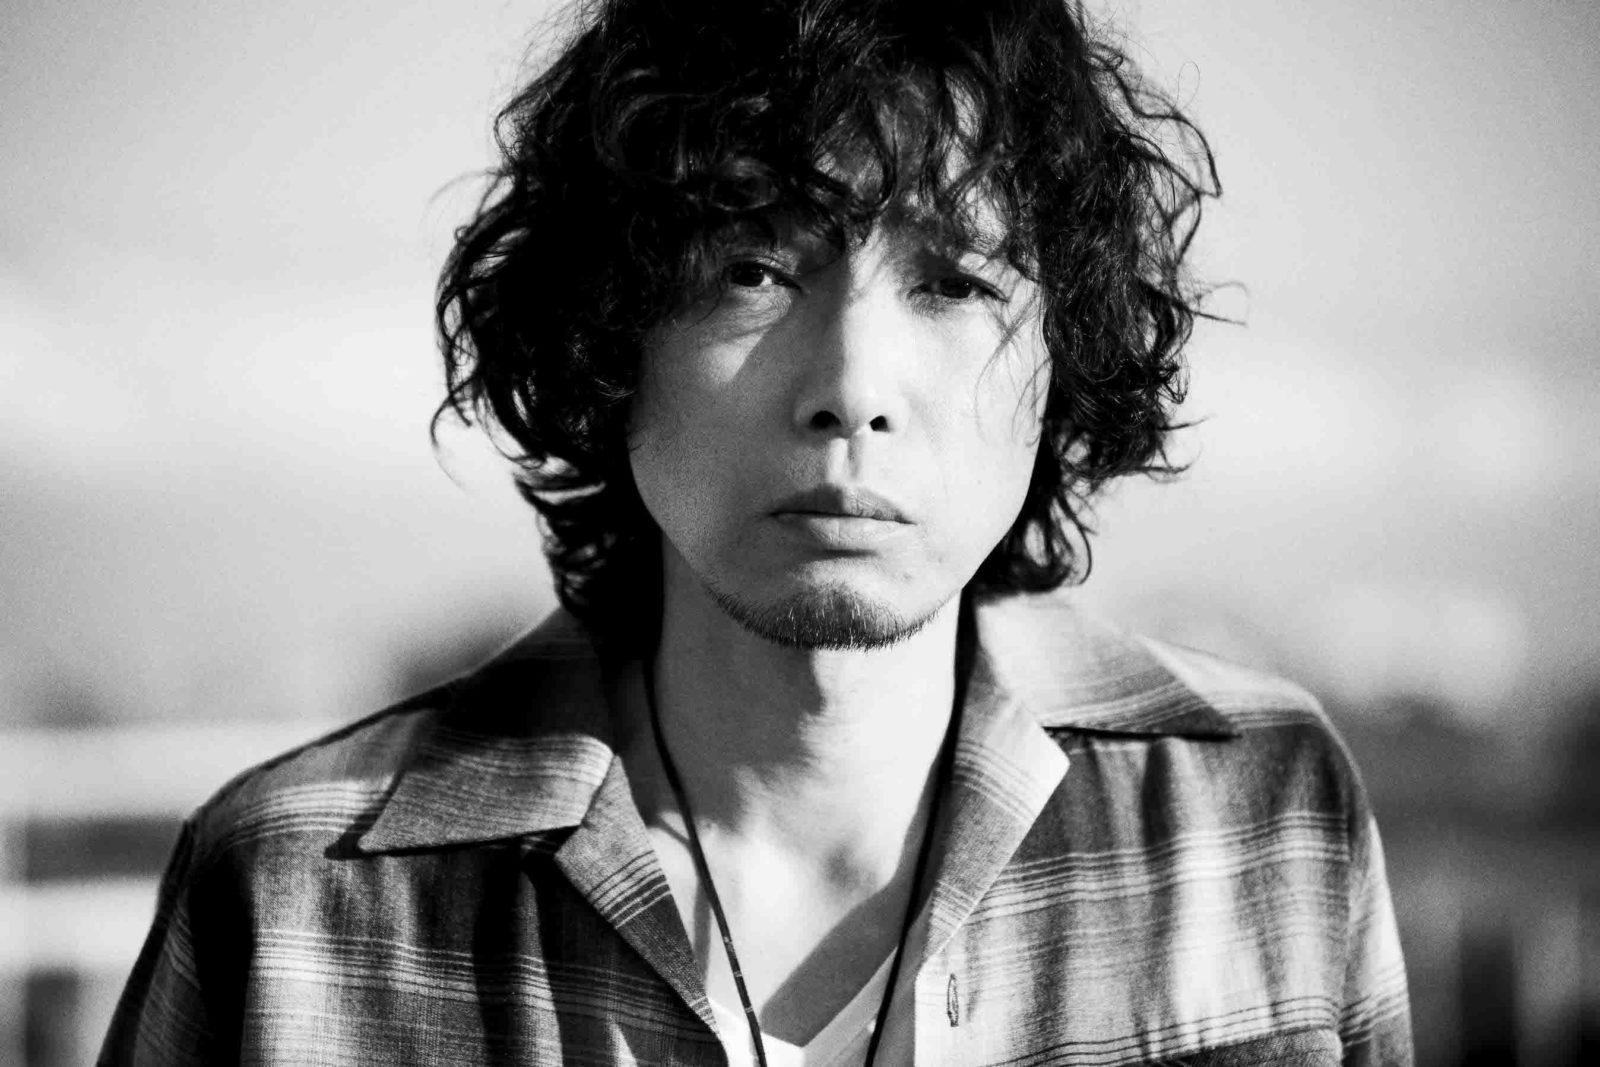 『アイネクライネナハトムジーク』主題歌・音楽が斉藤和義に決定サムネイル画像